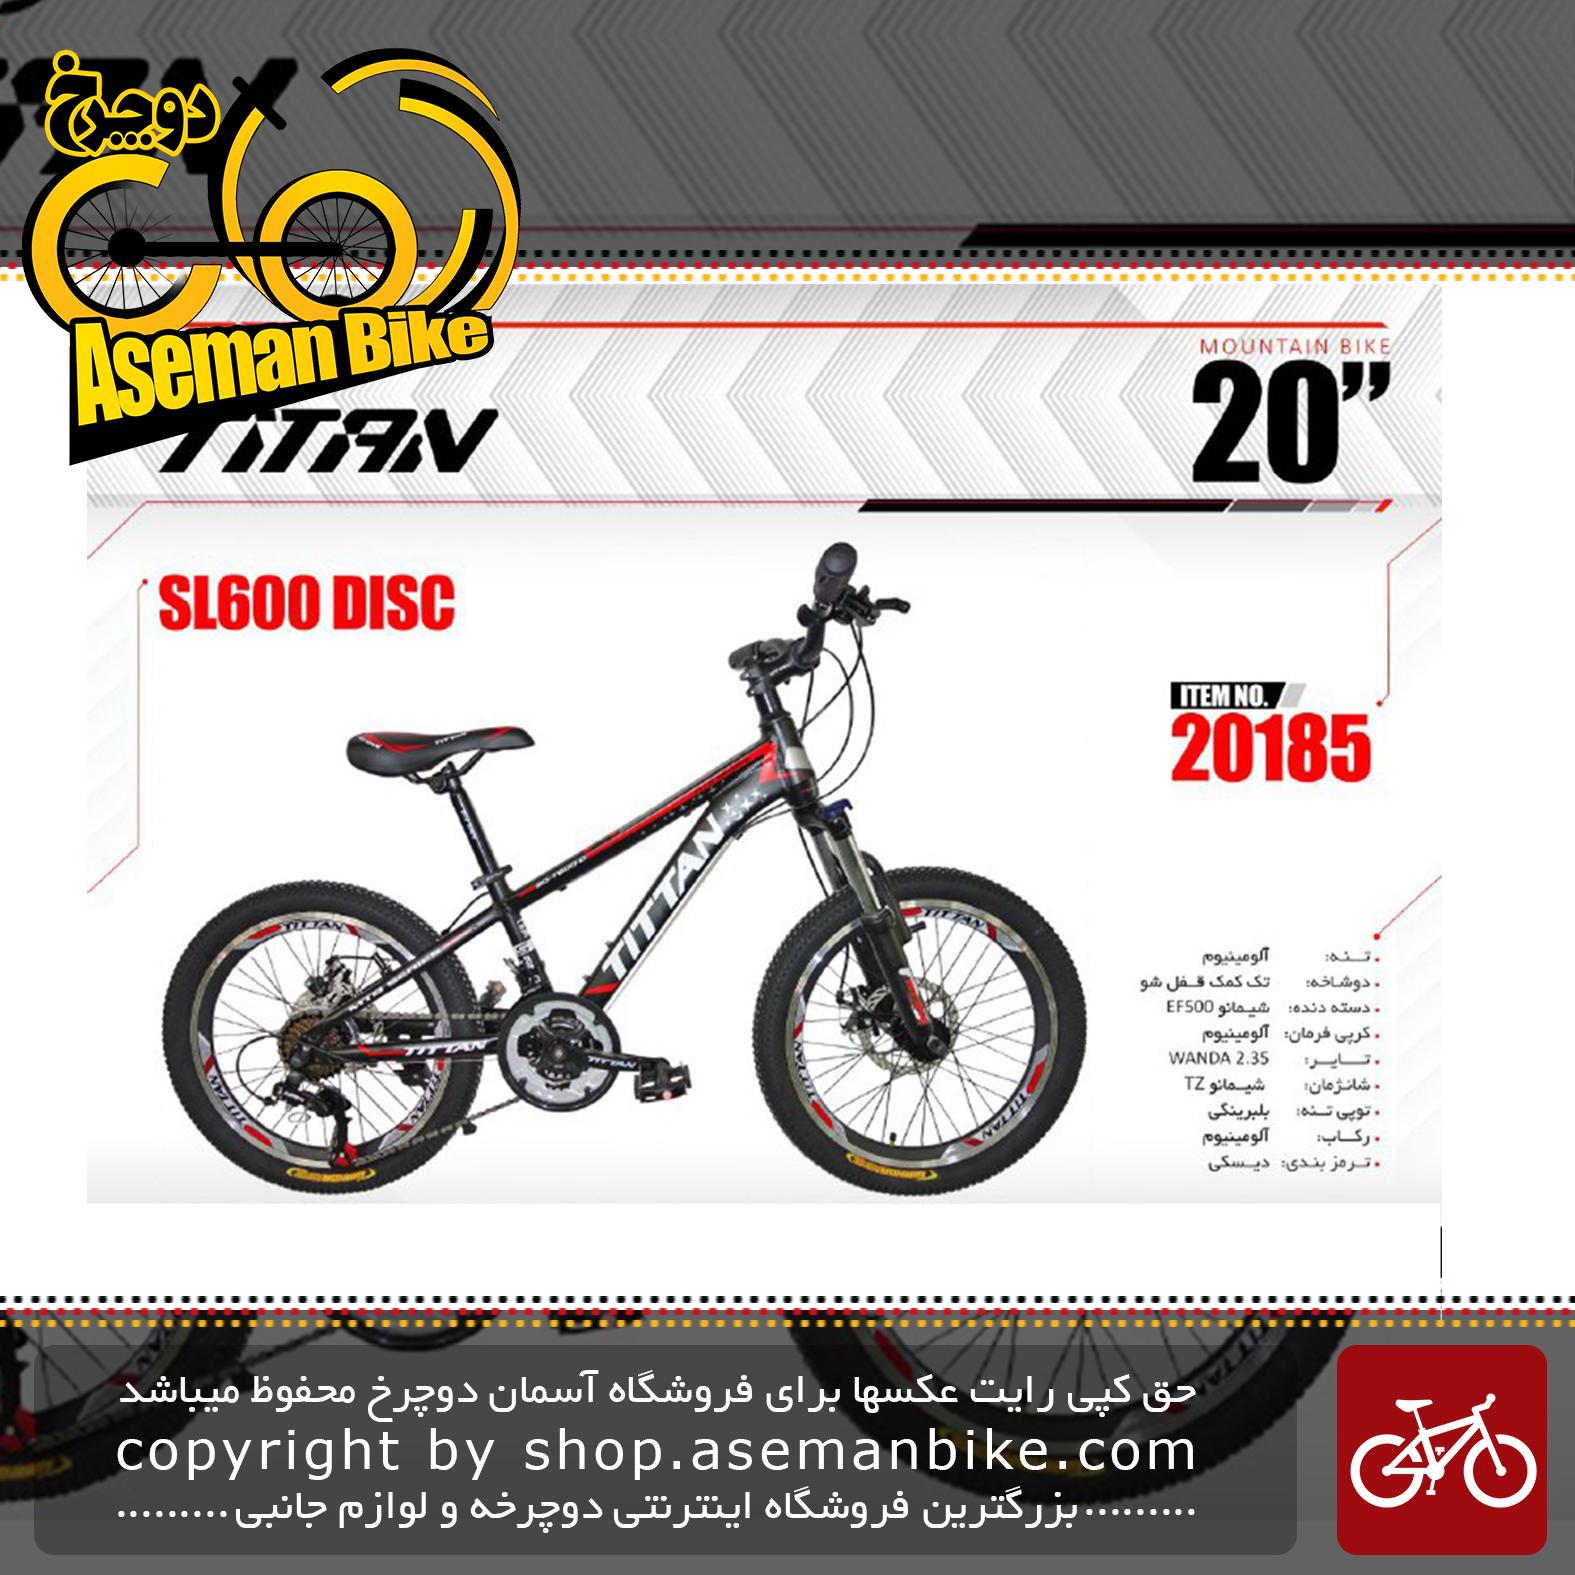 دوچرخه کوهستان تایتان سایز 20دیسک مدل اس ال 600 TITAN SIZE 20 SL 600 DISC